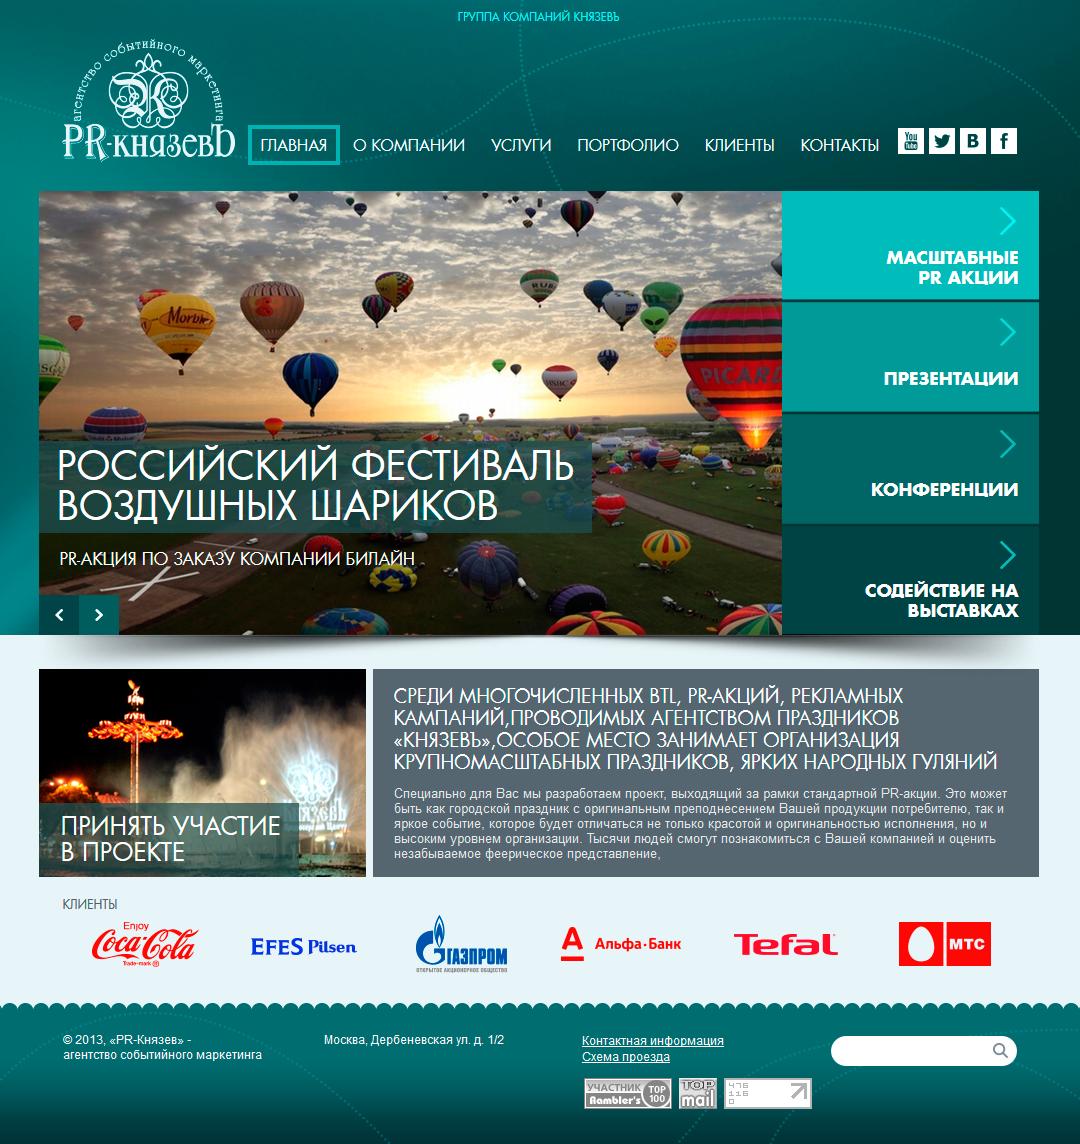 «PR-Князев» - агентство событийного маркетинга